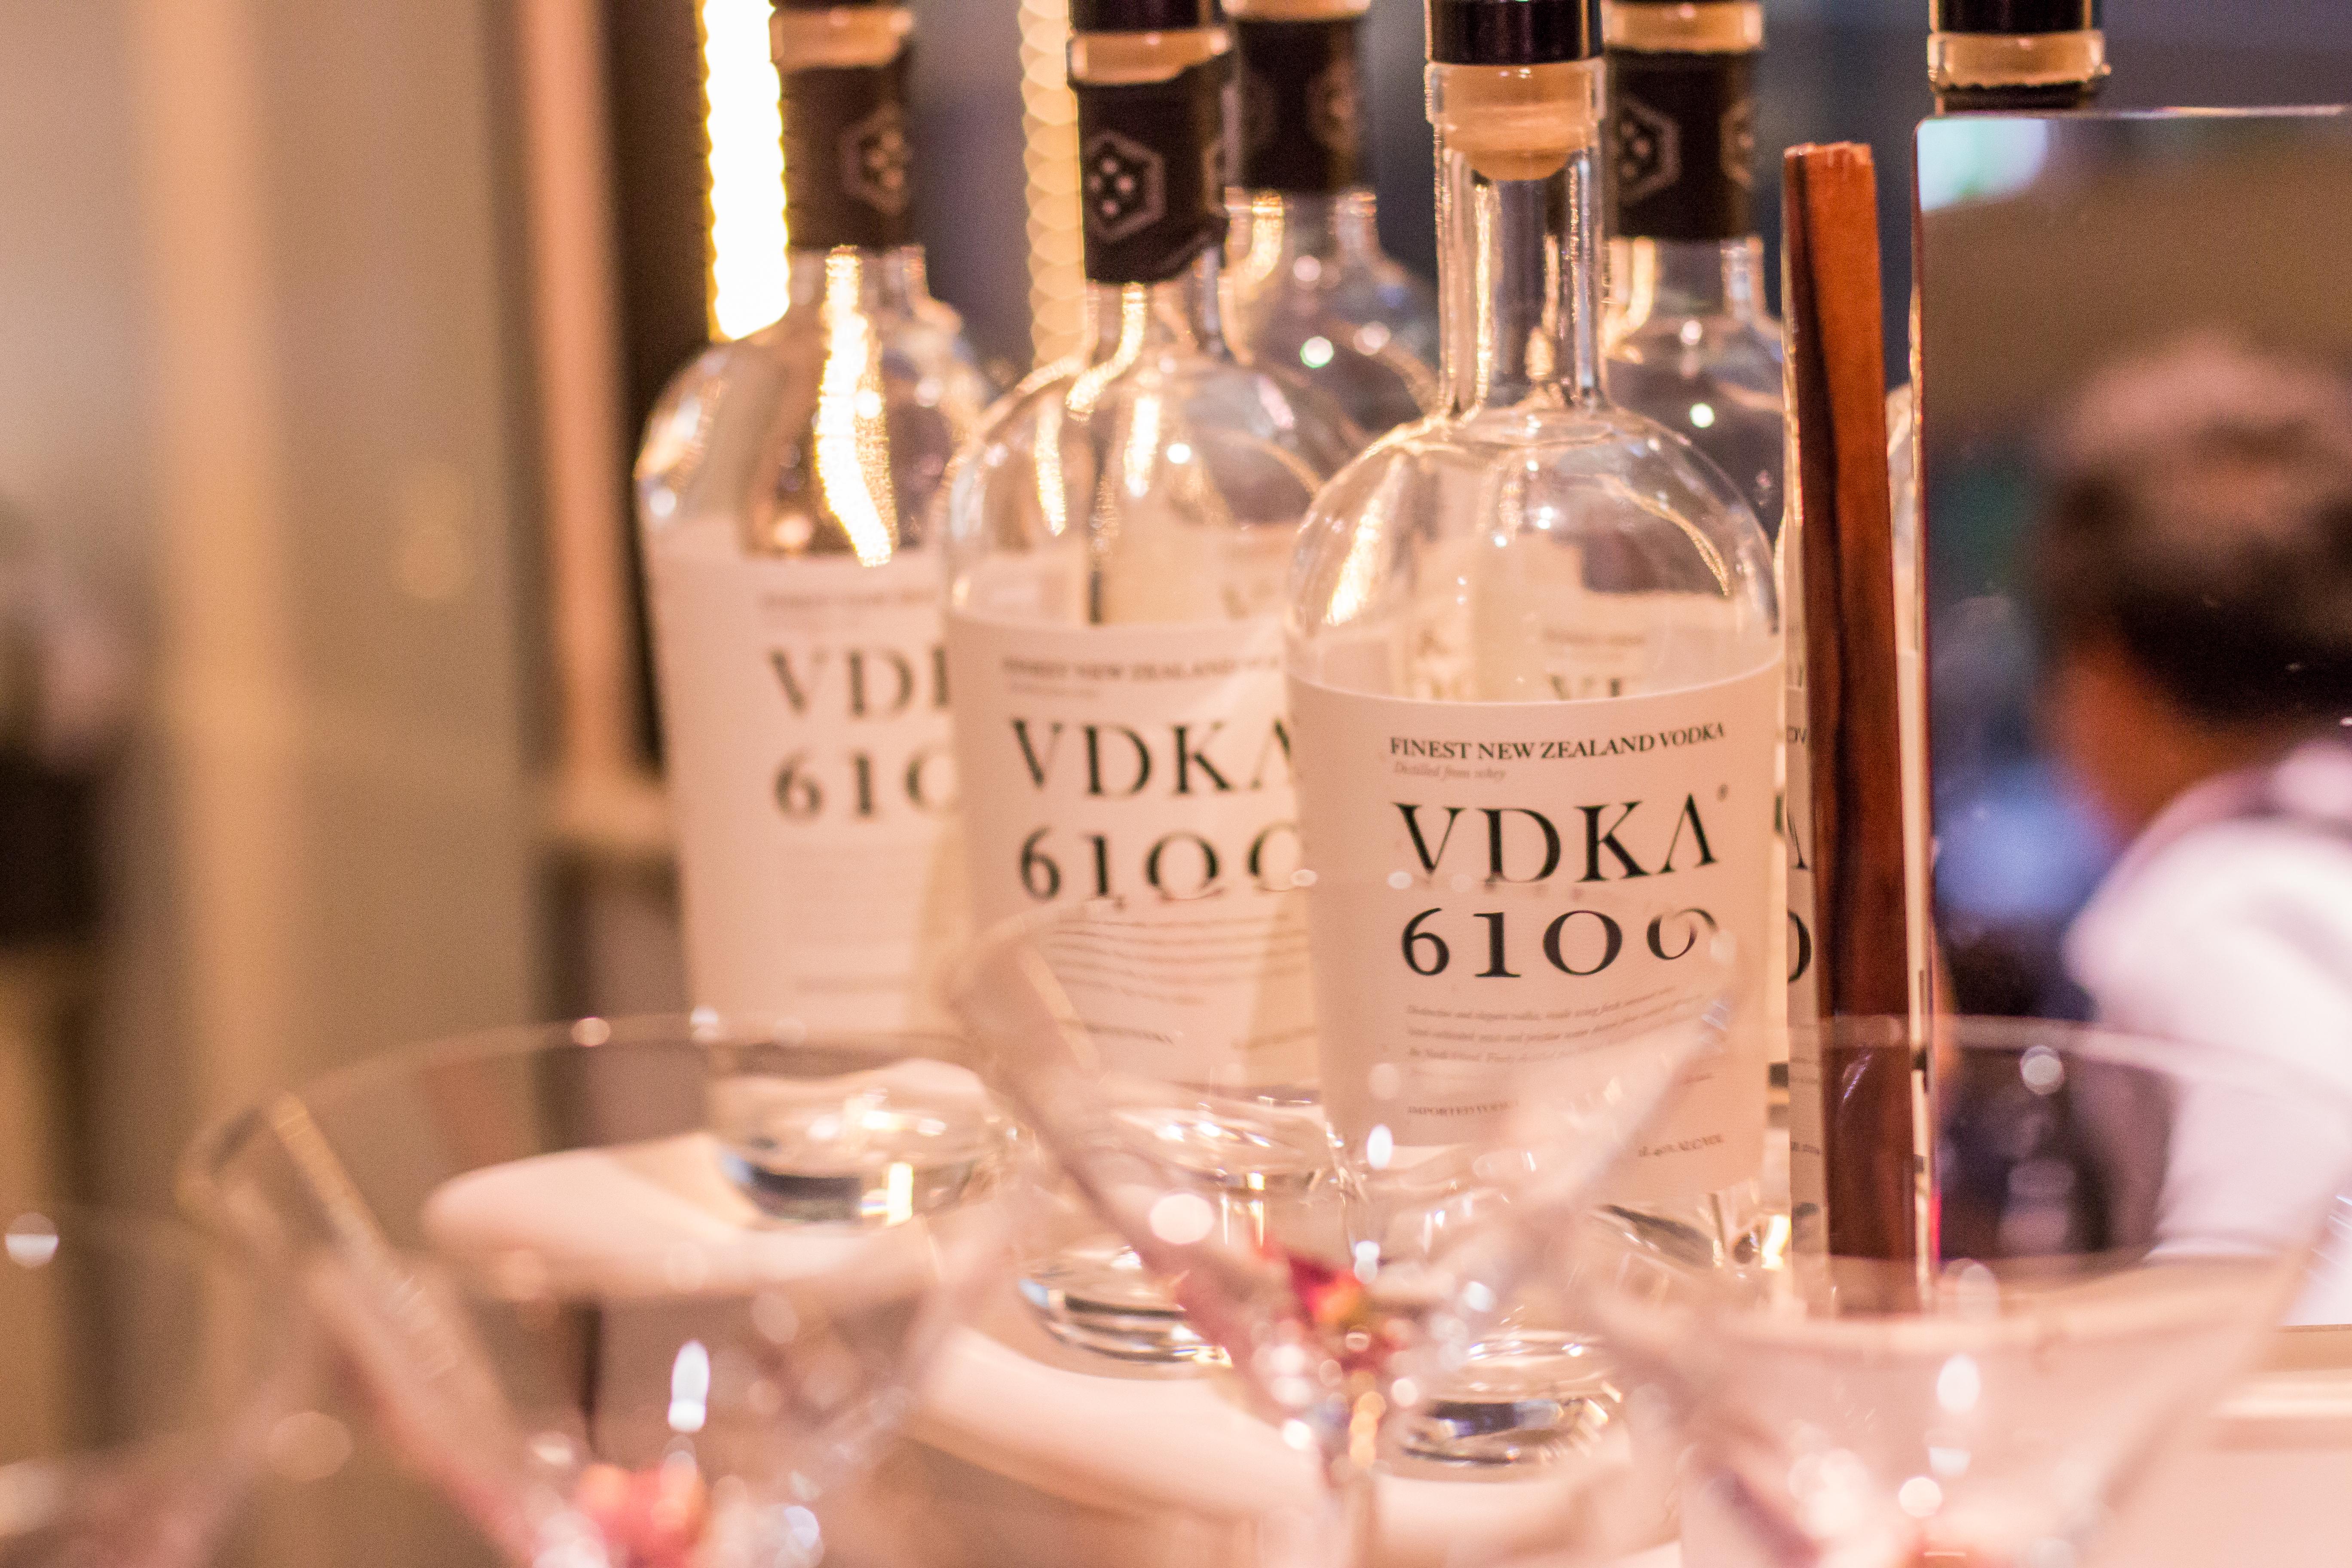 Vodka 6100